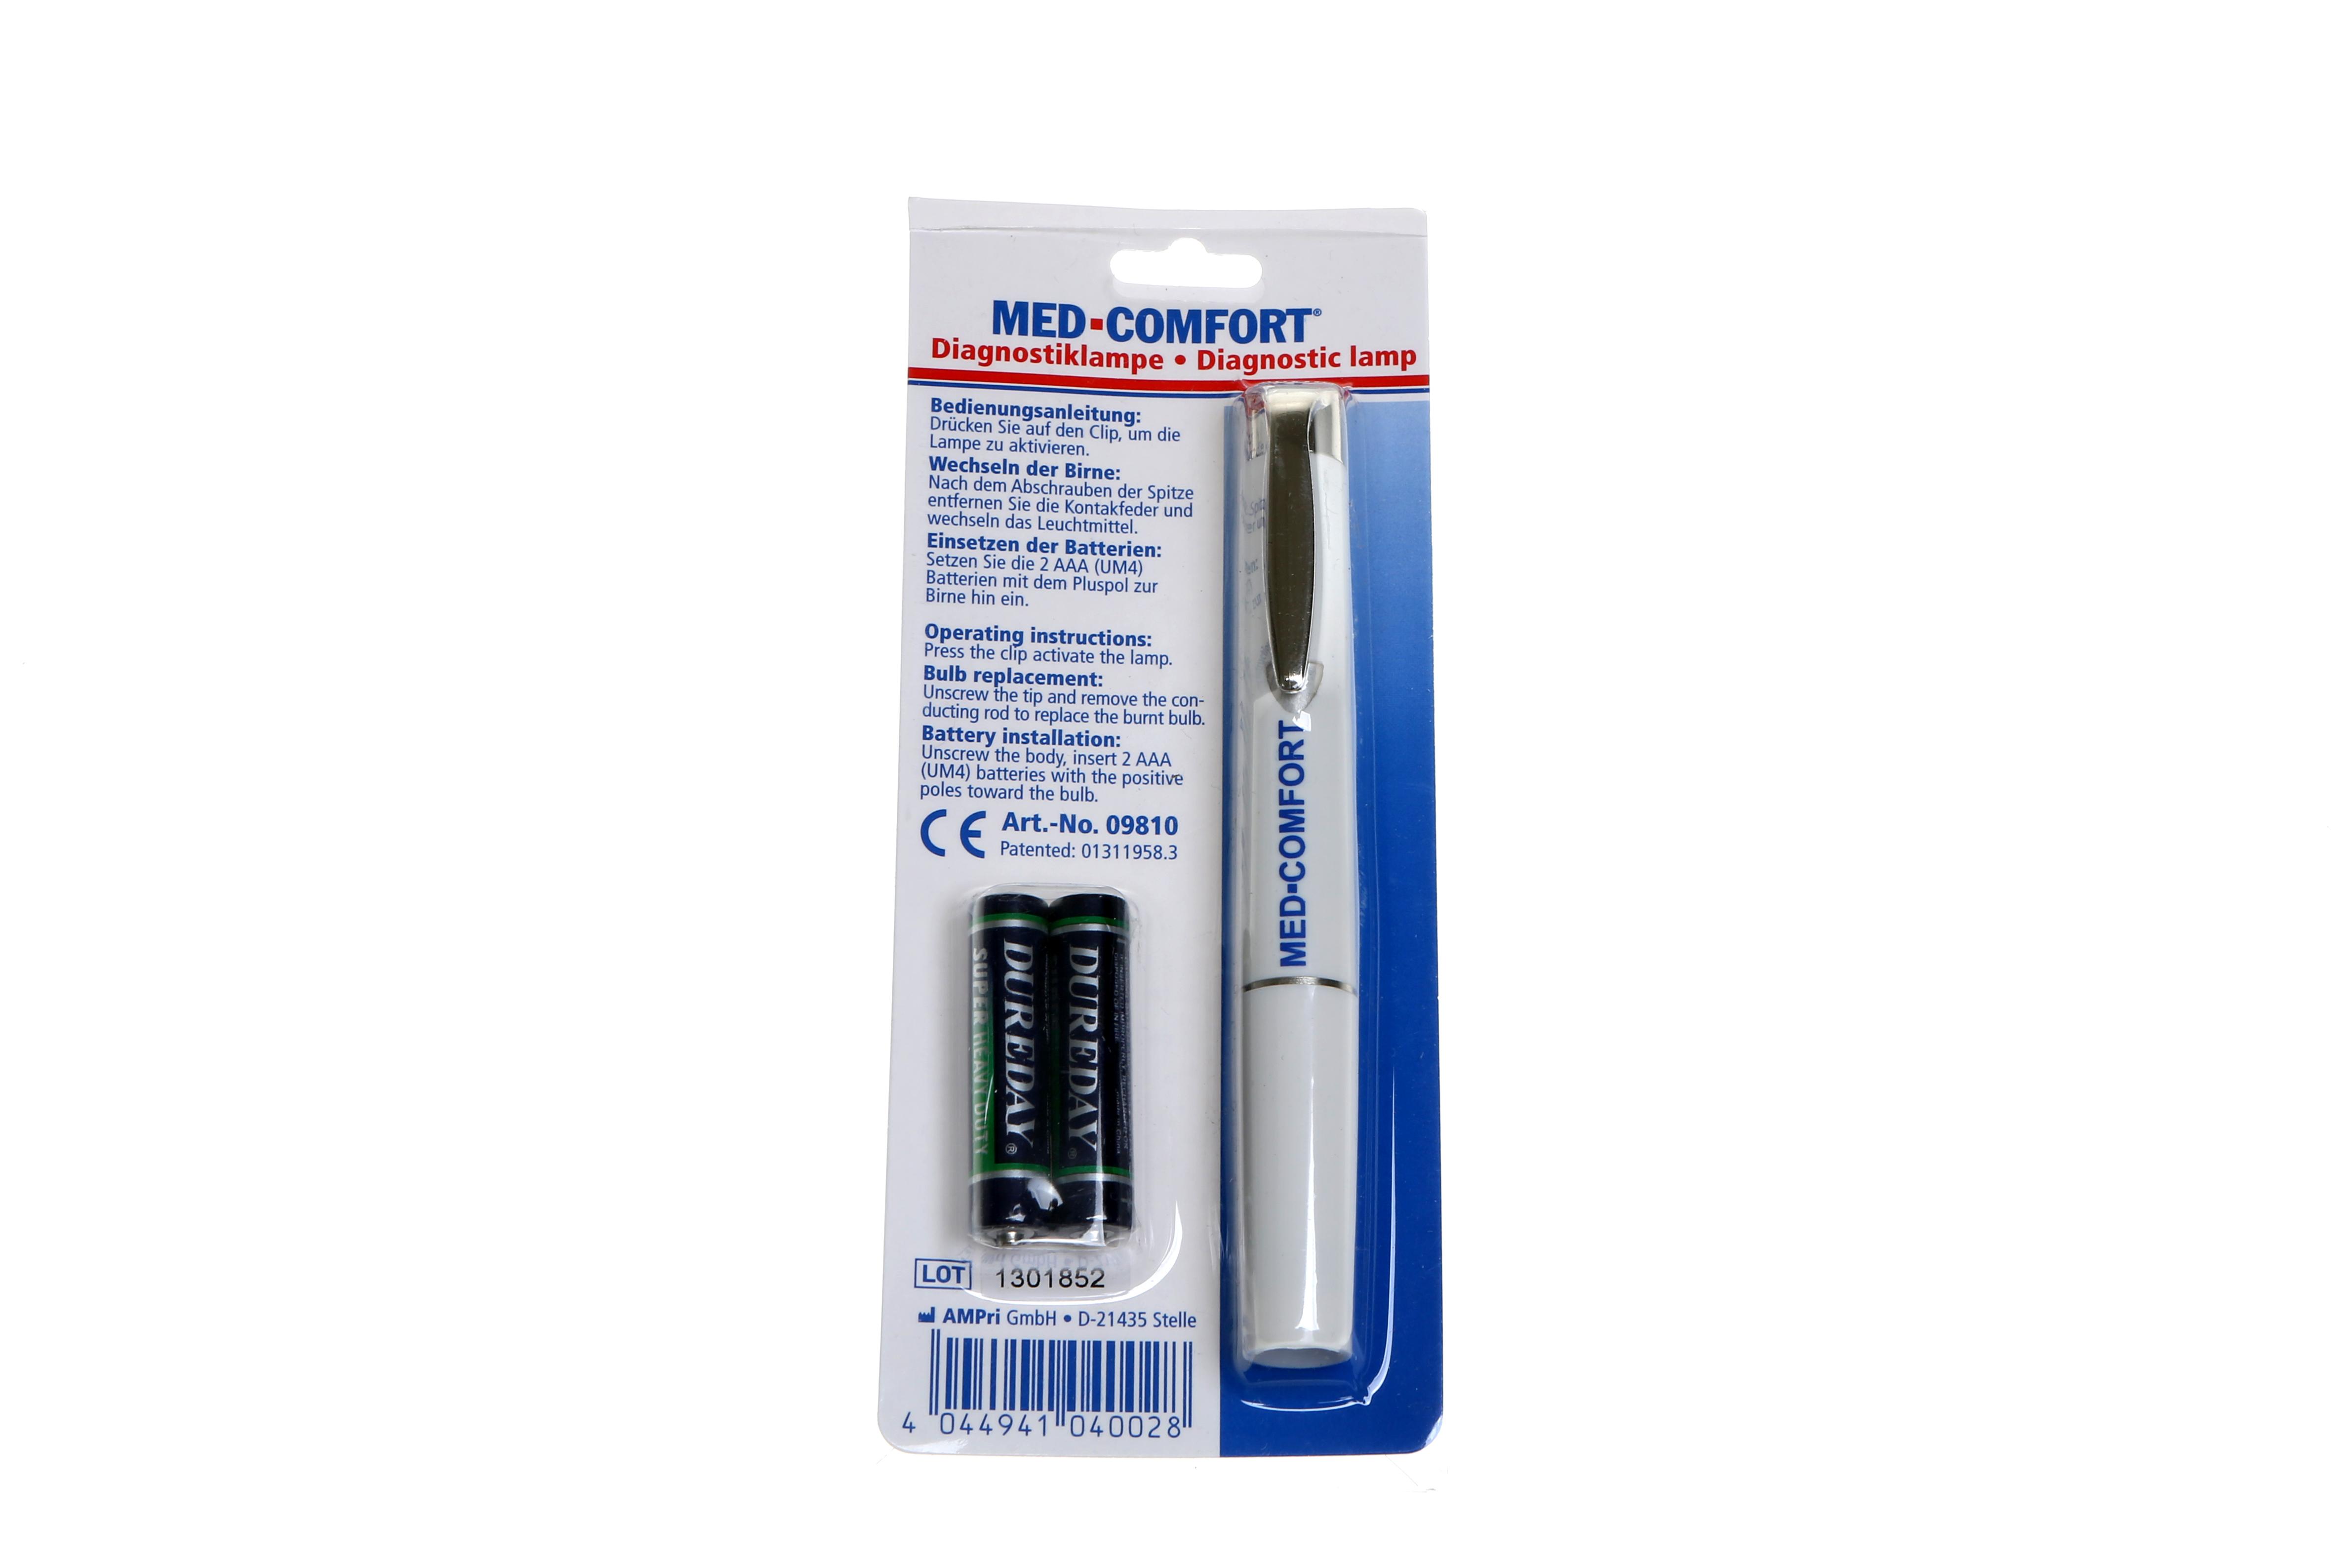 Diagnostikleuchte mit auswechselbarer Batterie in weiß